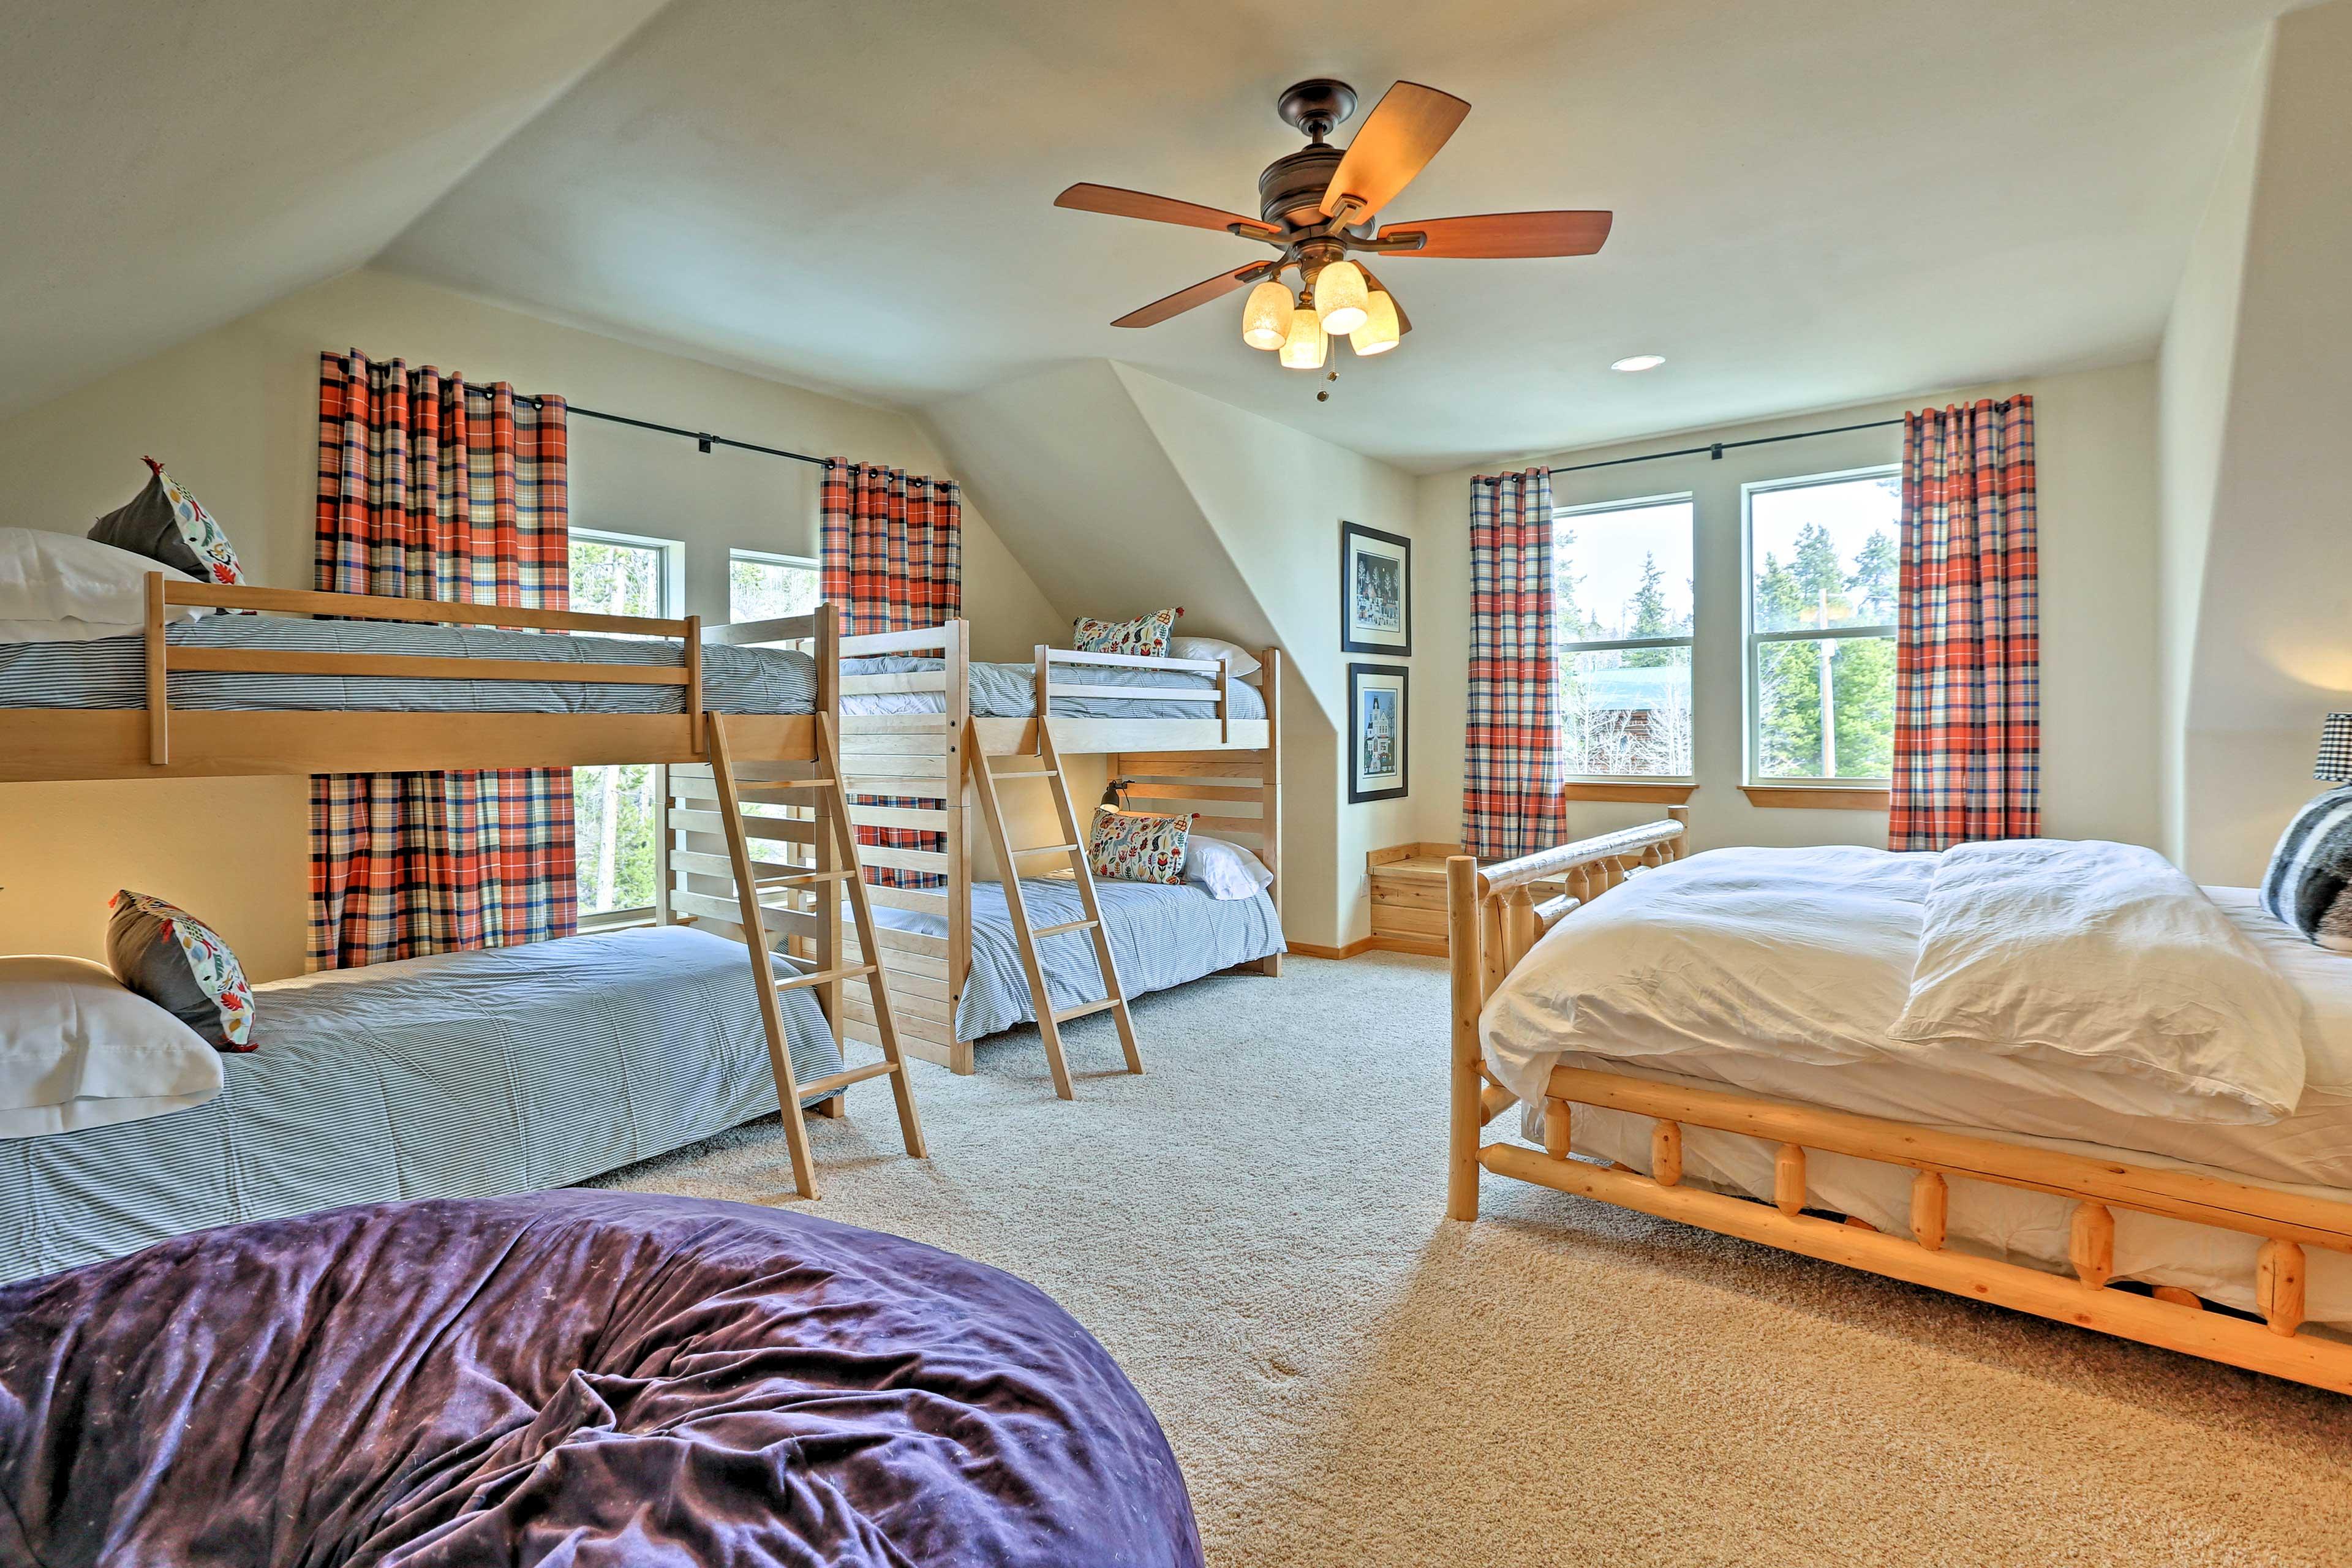 Bedroom 5 | 2 Twin Bunk Beds | King Bed | 2nd Floor